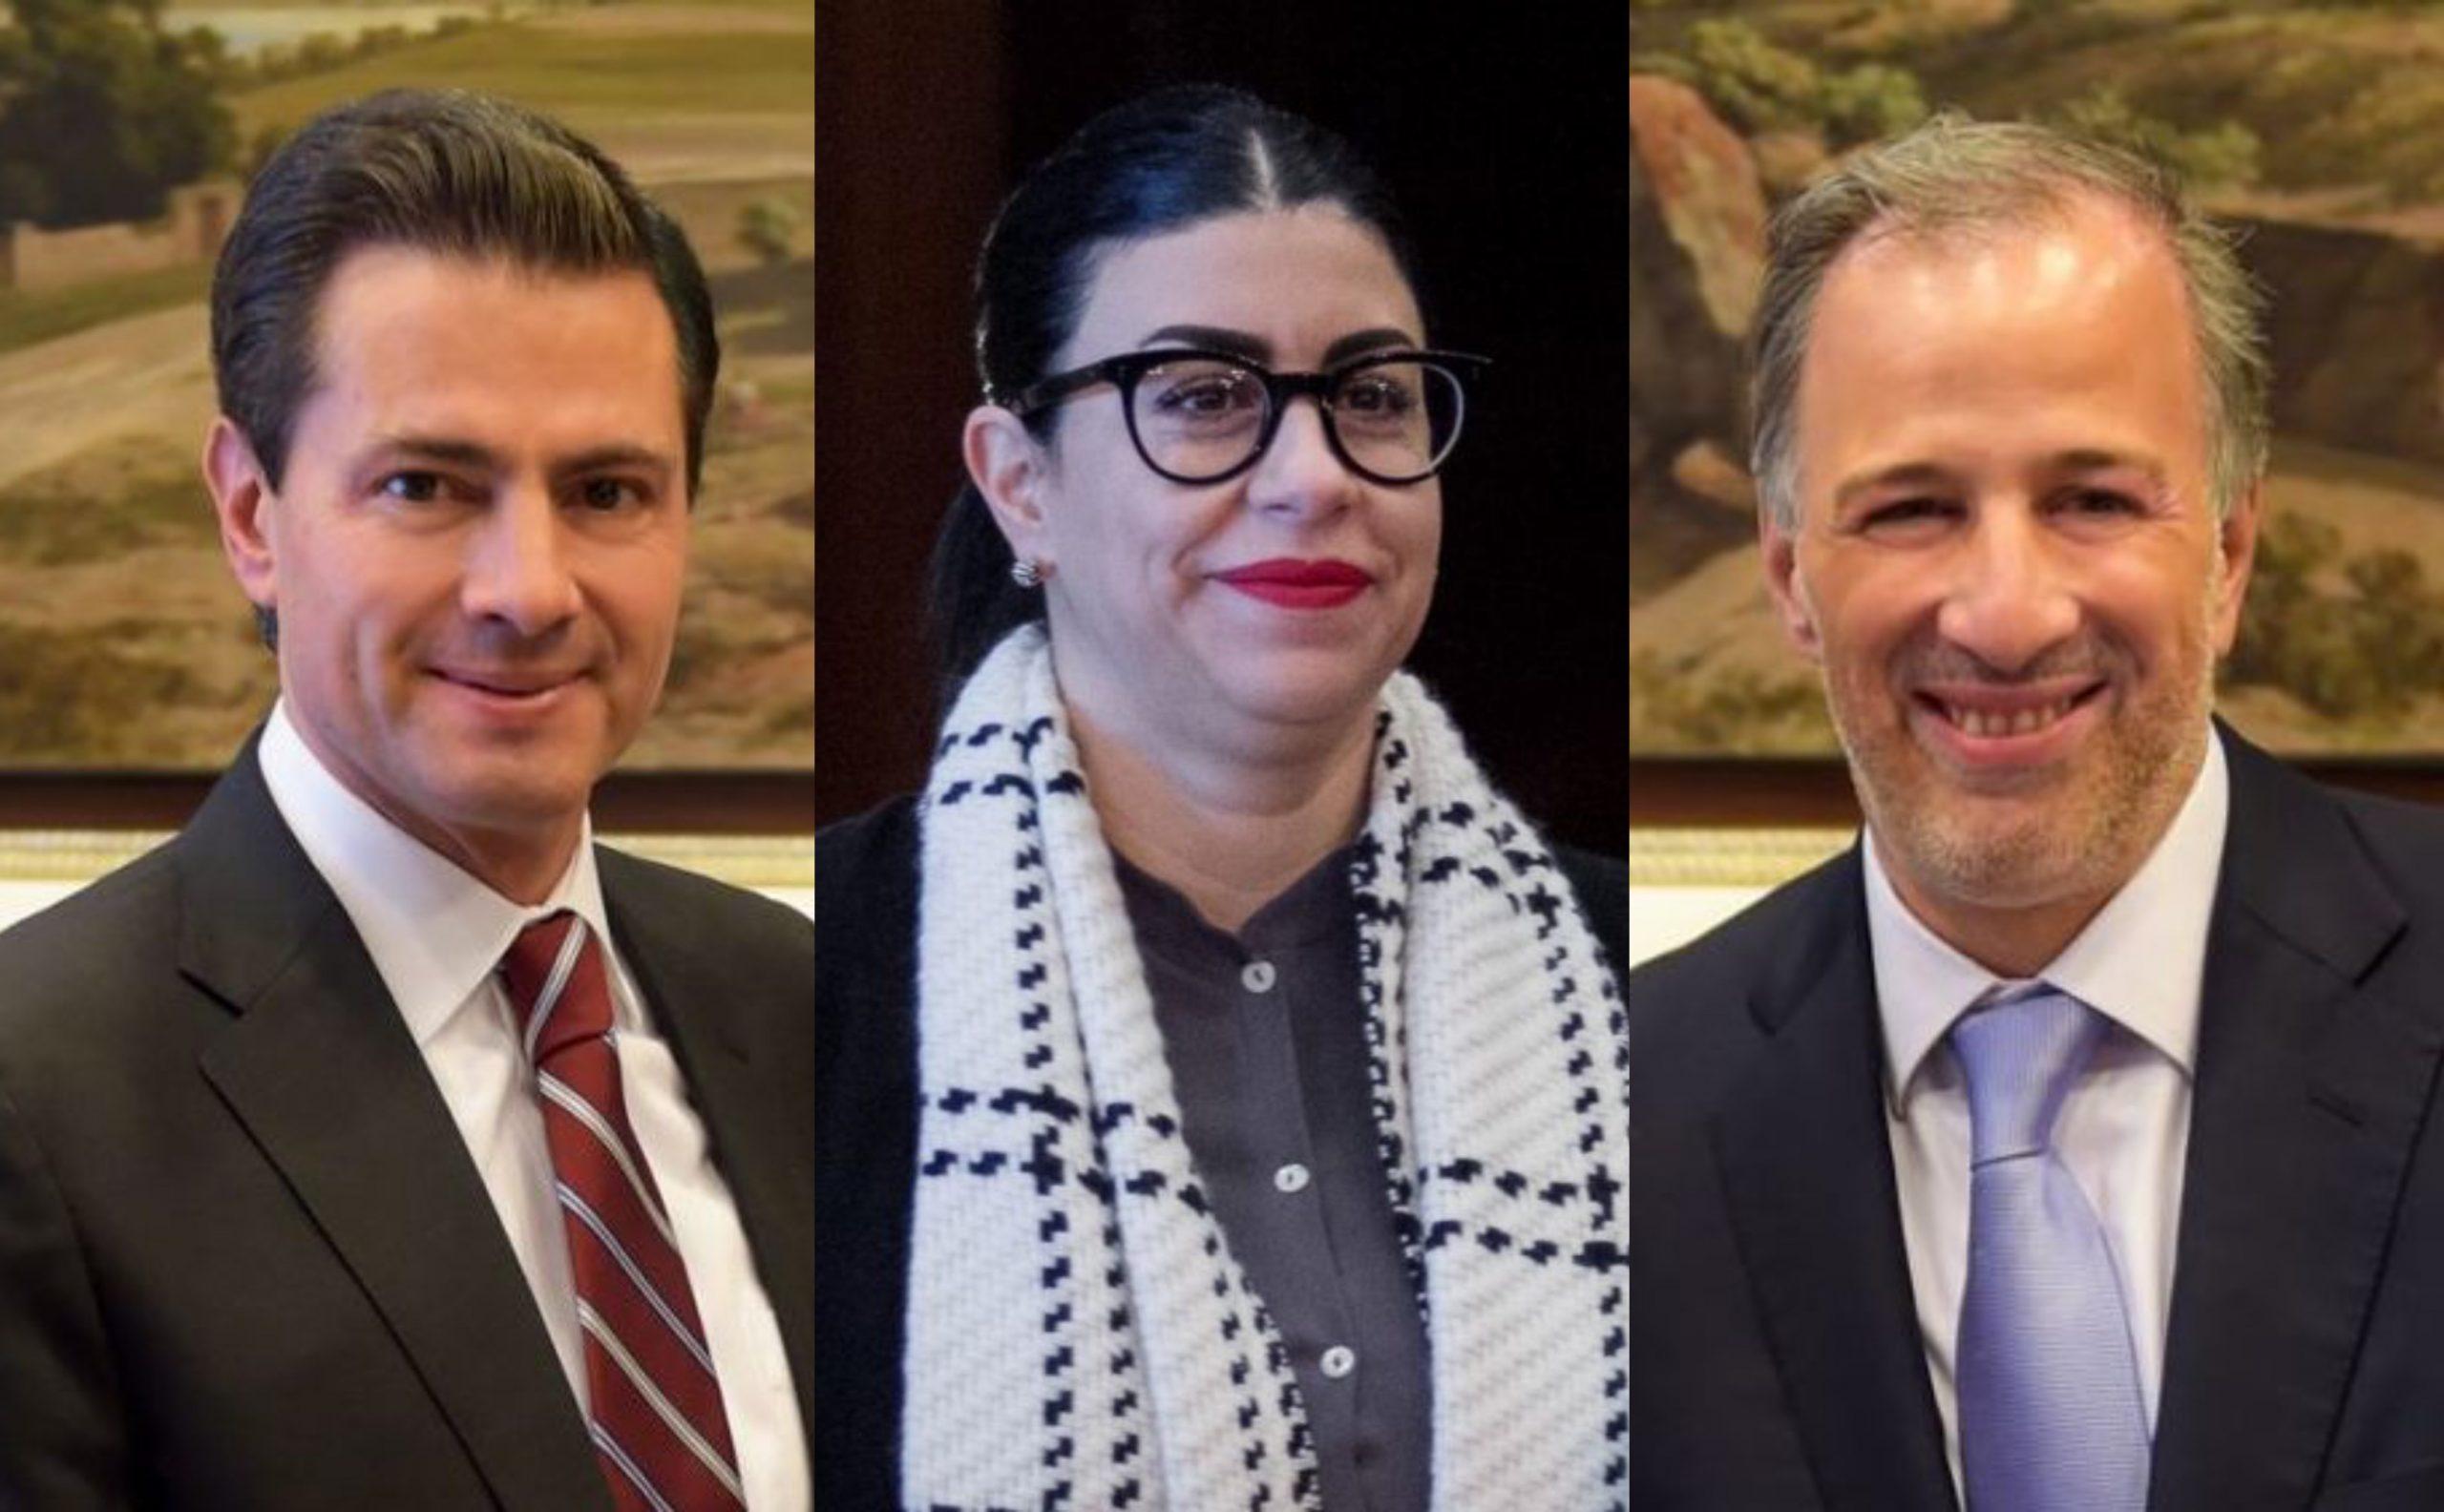 ¿Por qué la senadora del PRI Vanessa Rubio solicitó una visa? ¿Cuál es su relación con el gobierno de Enrique Peña Nieto?